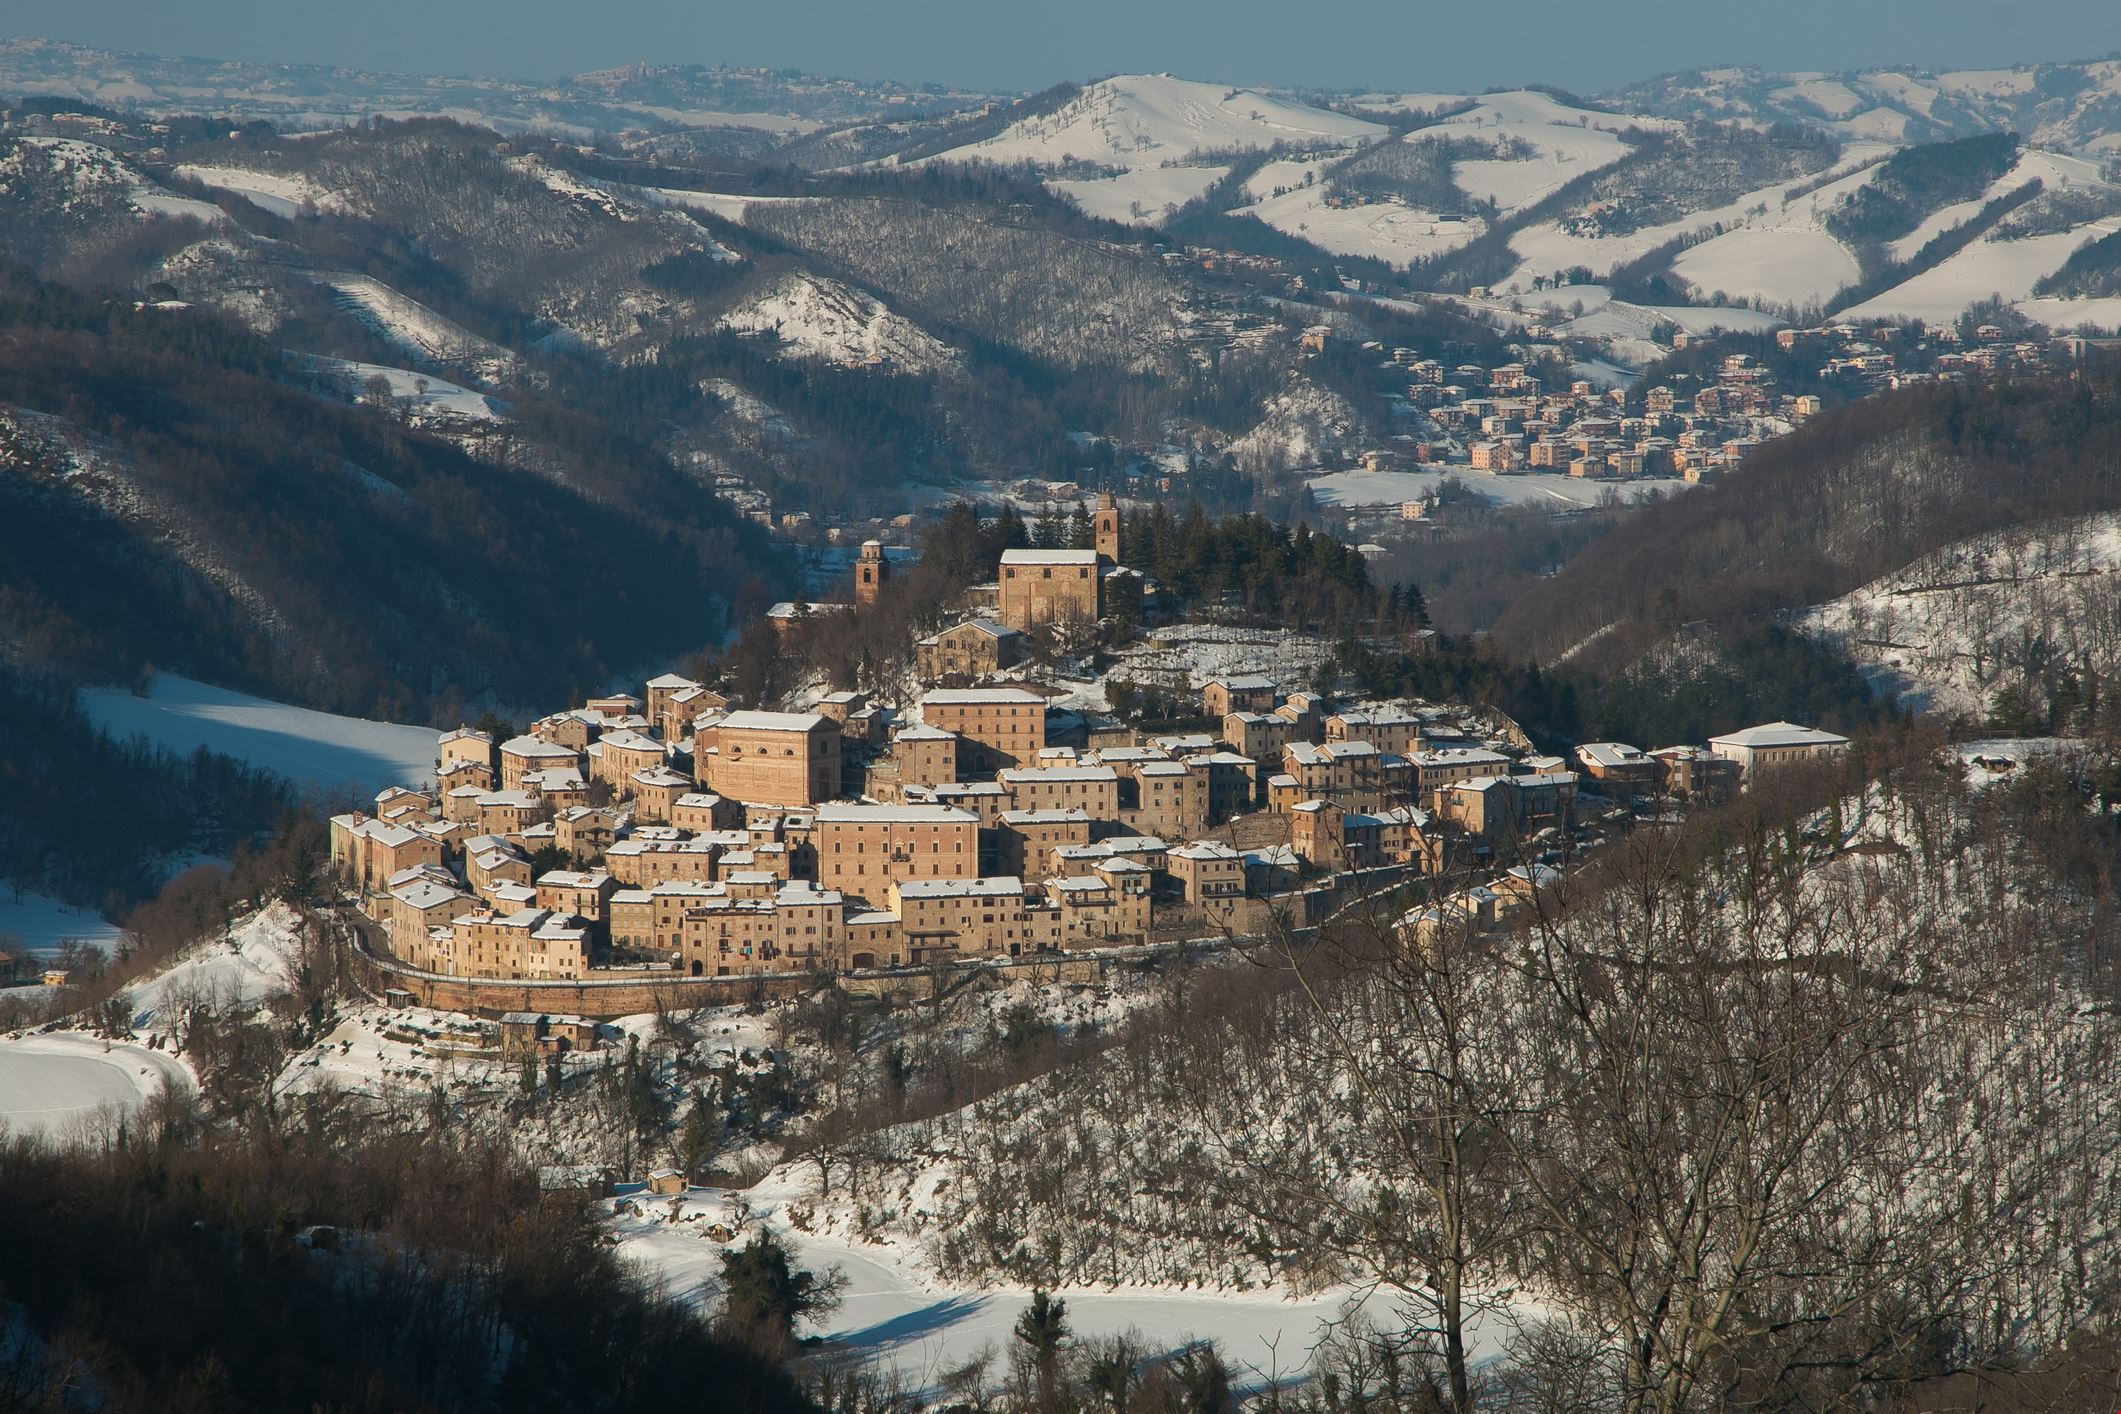 Montefortino